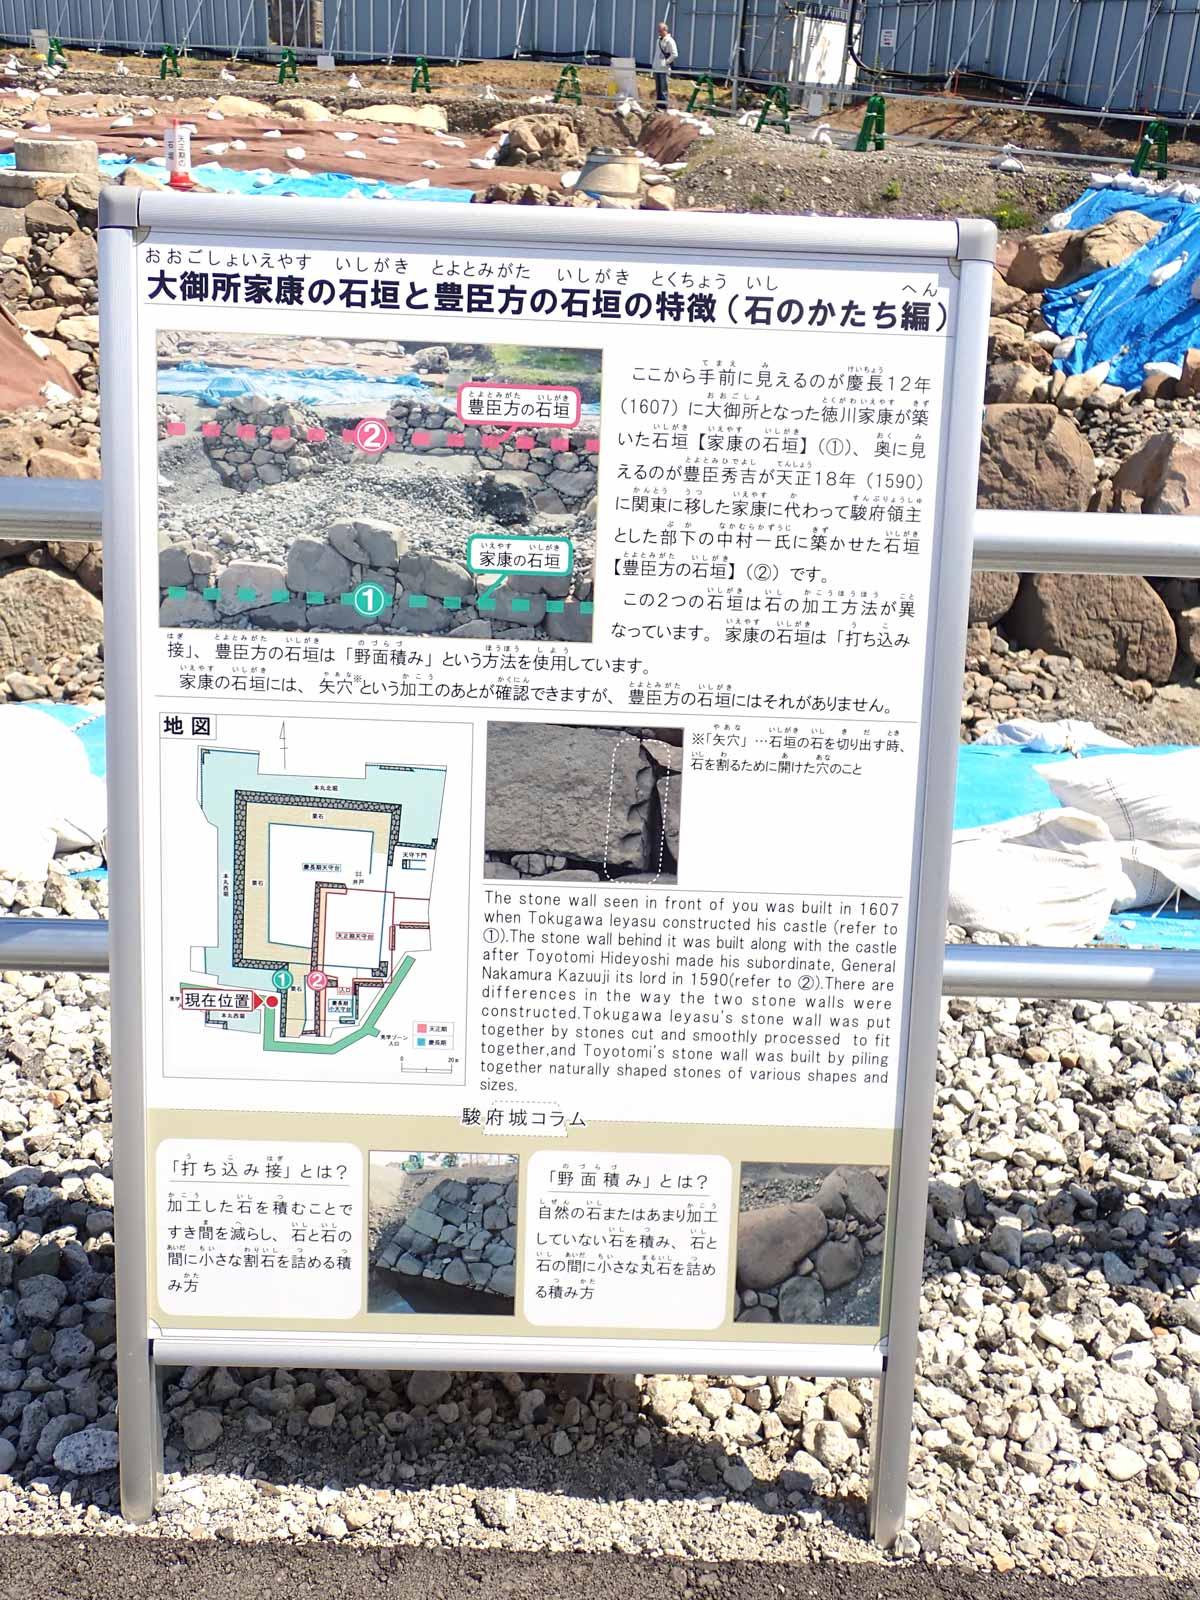 発掘現場には現場の説明がたくさんある